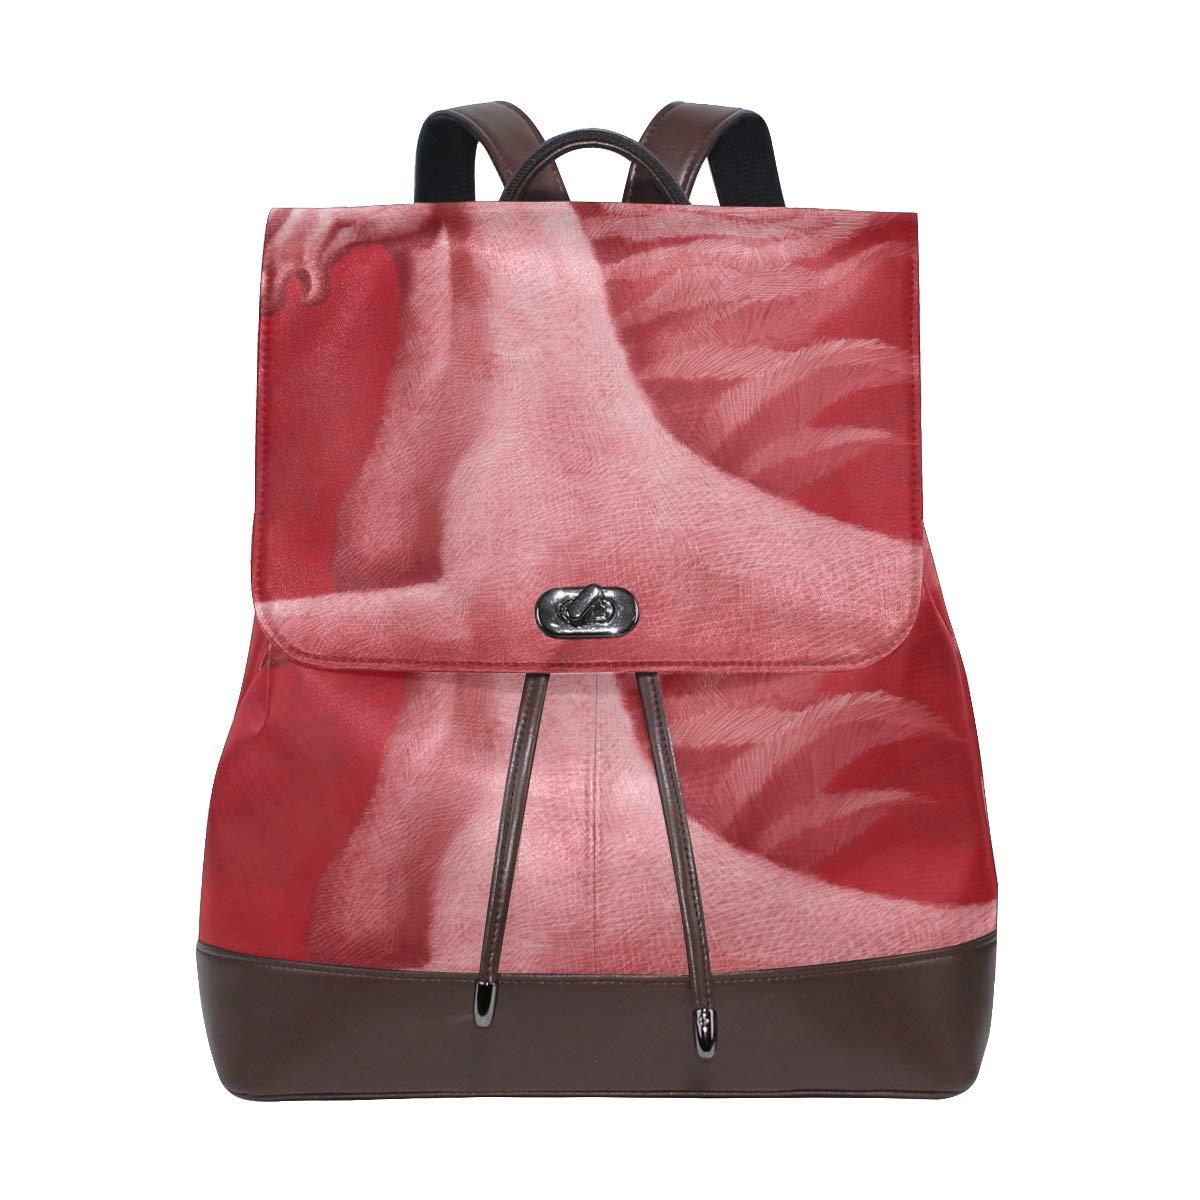 DEZIRO cuoio rosso Unicorn Horse School Pack zaino borsa da viaggio